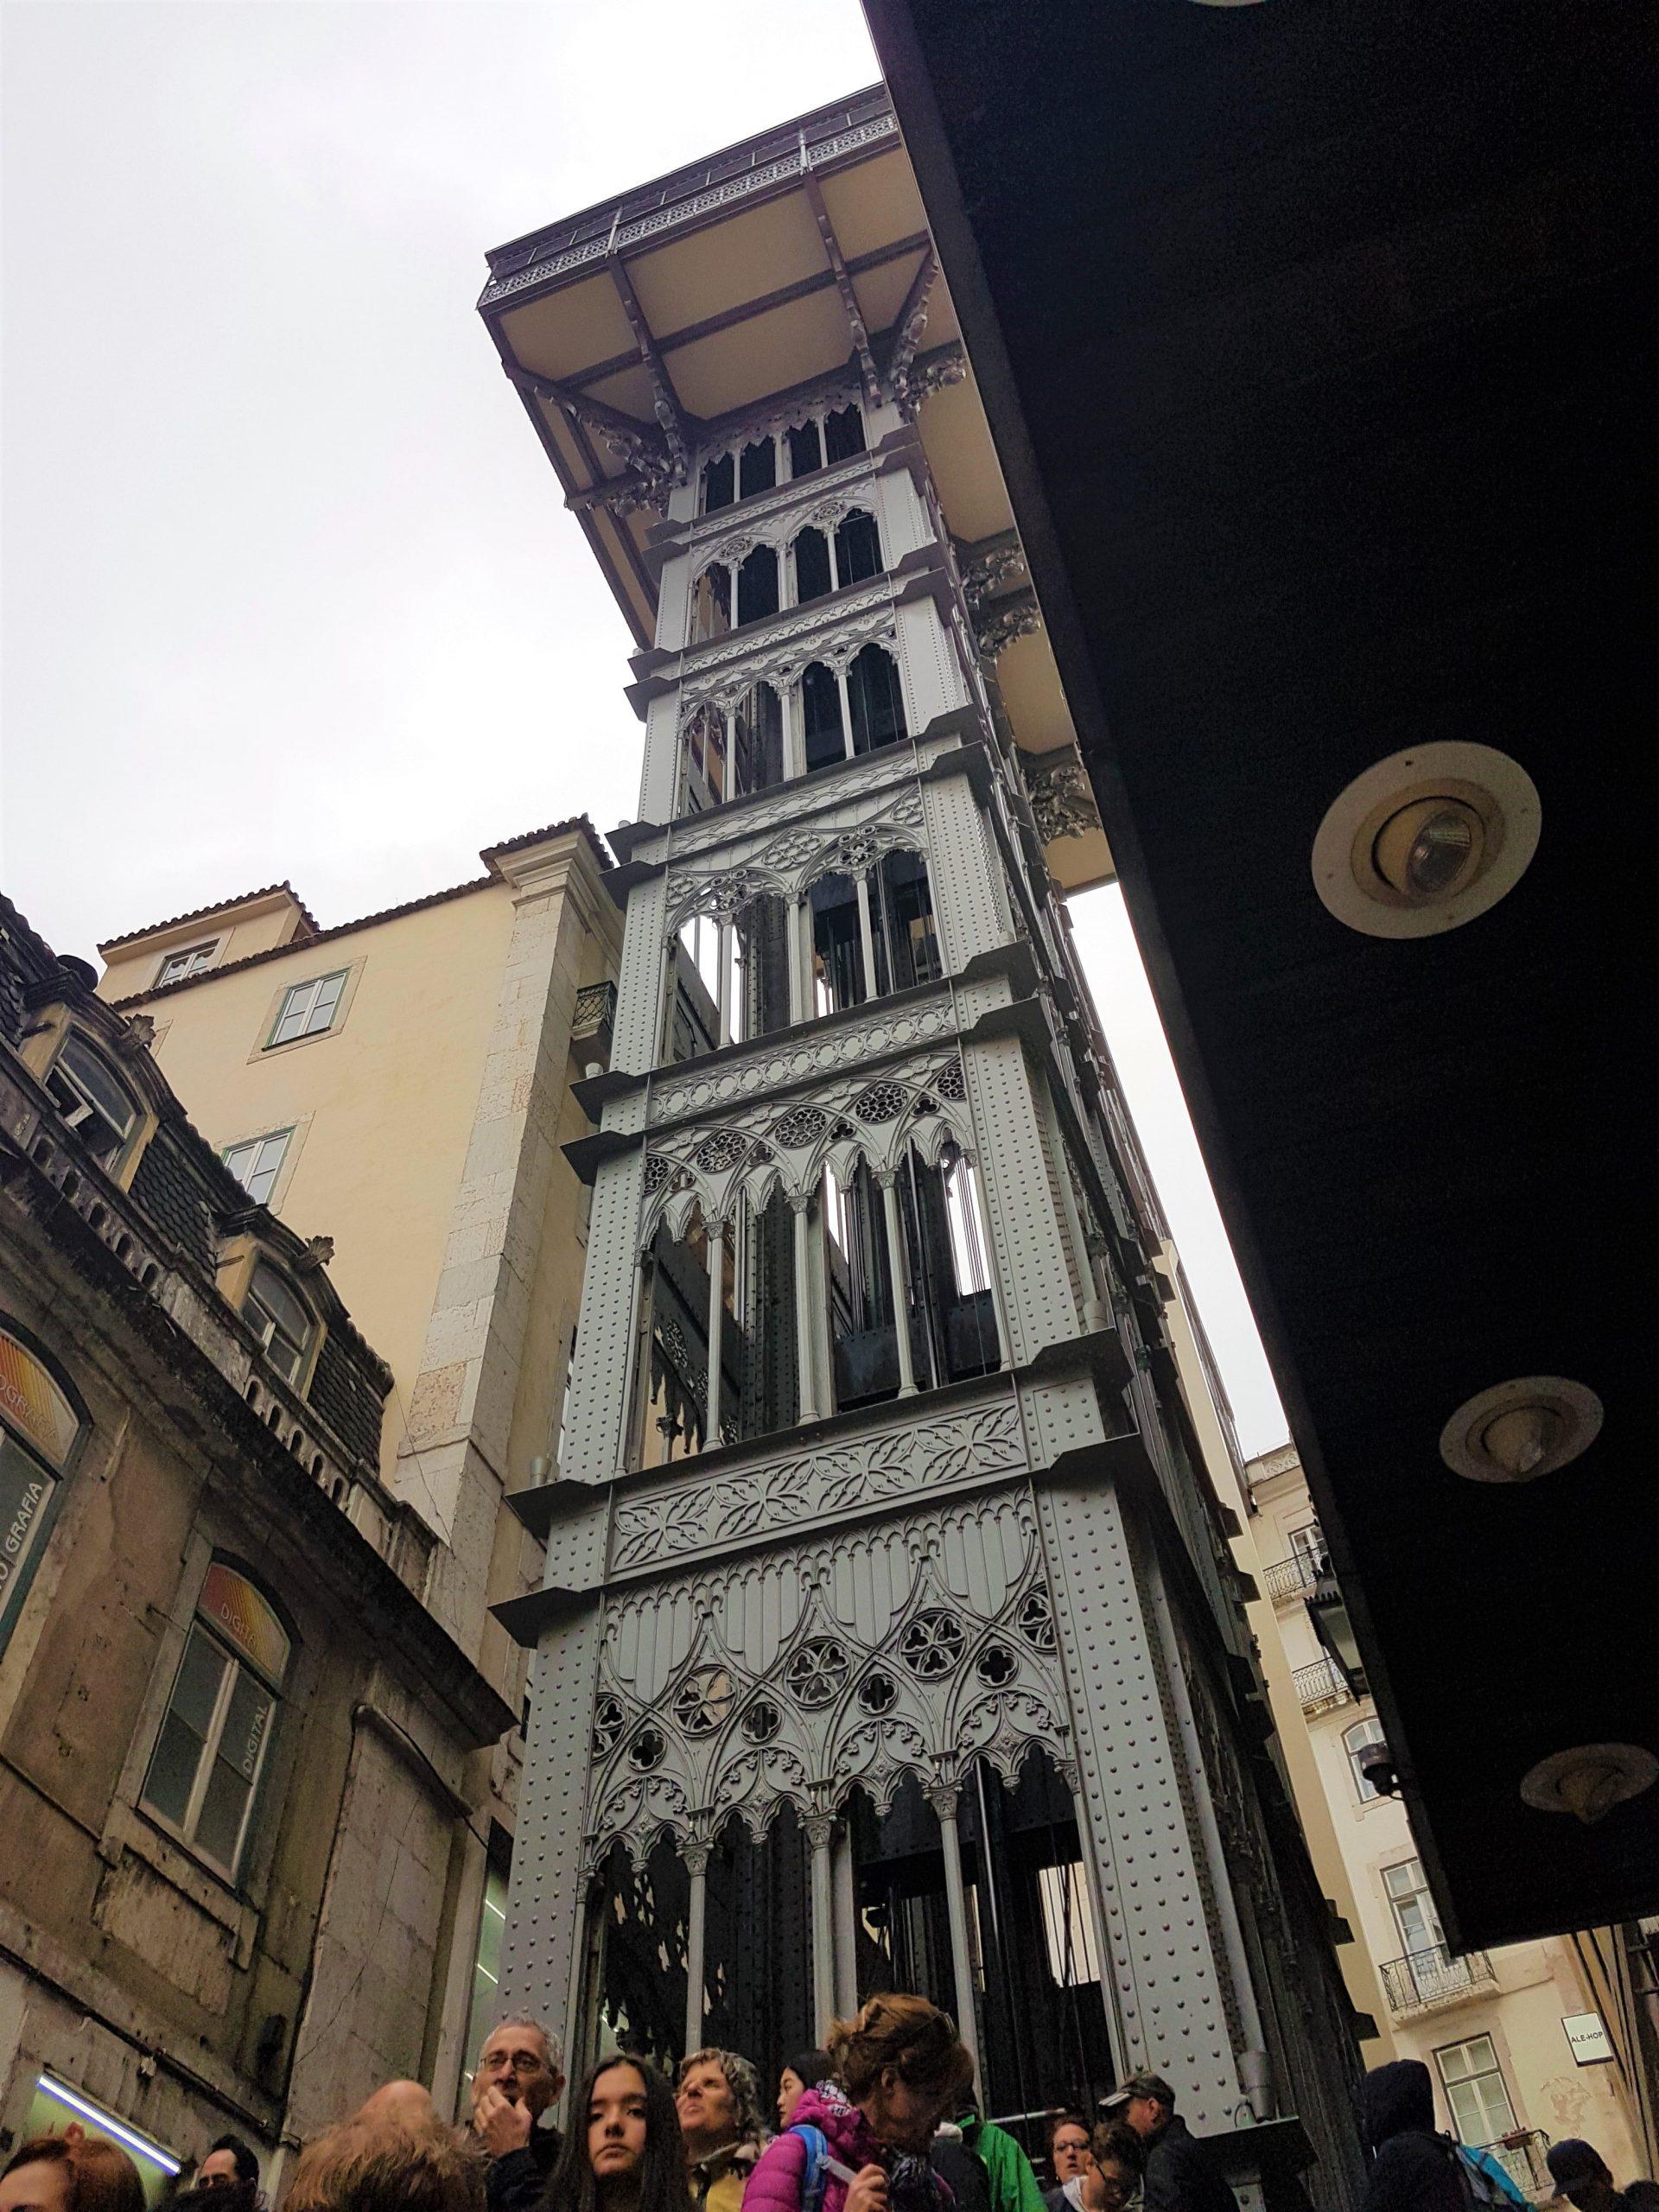 Elevador de Santa Justa de Lisboa visto desde abajo